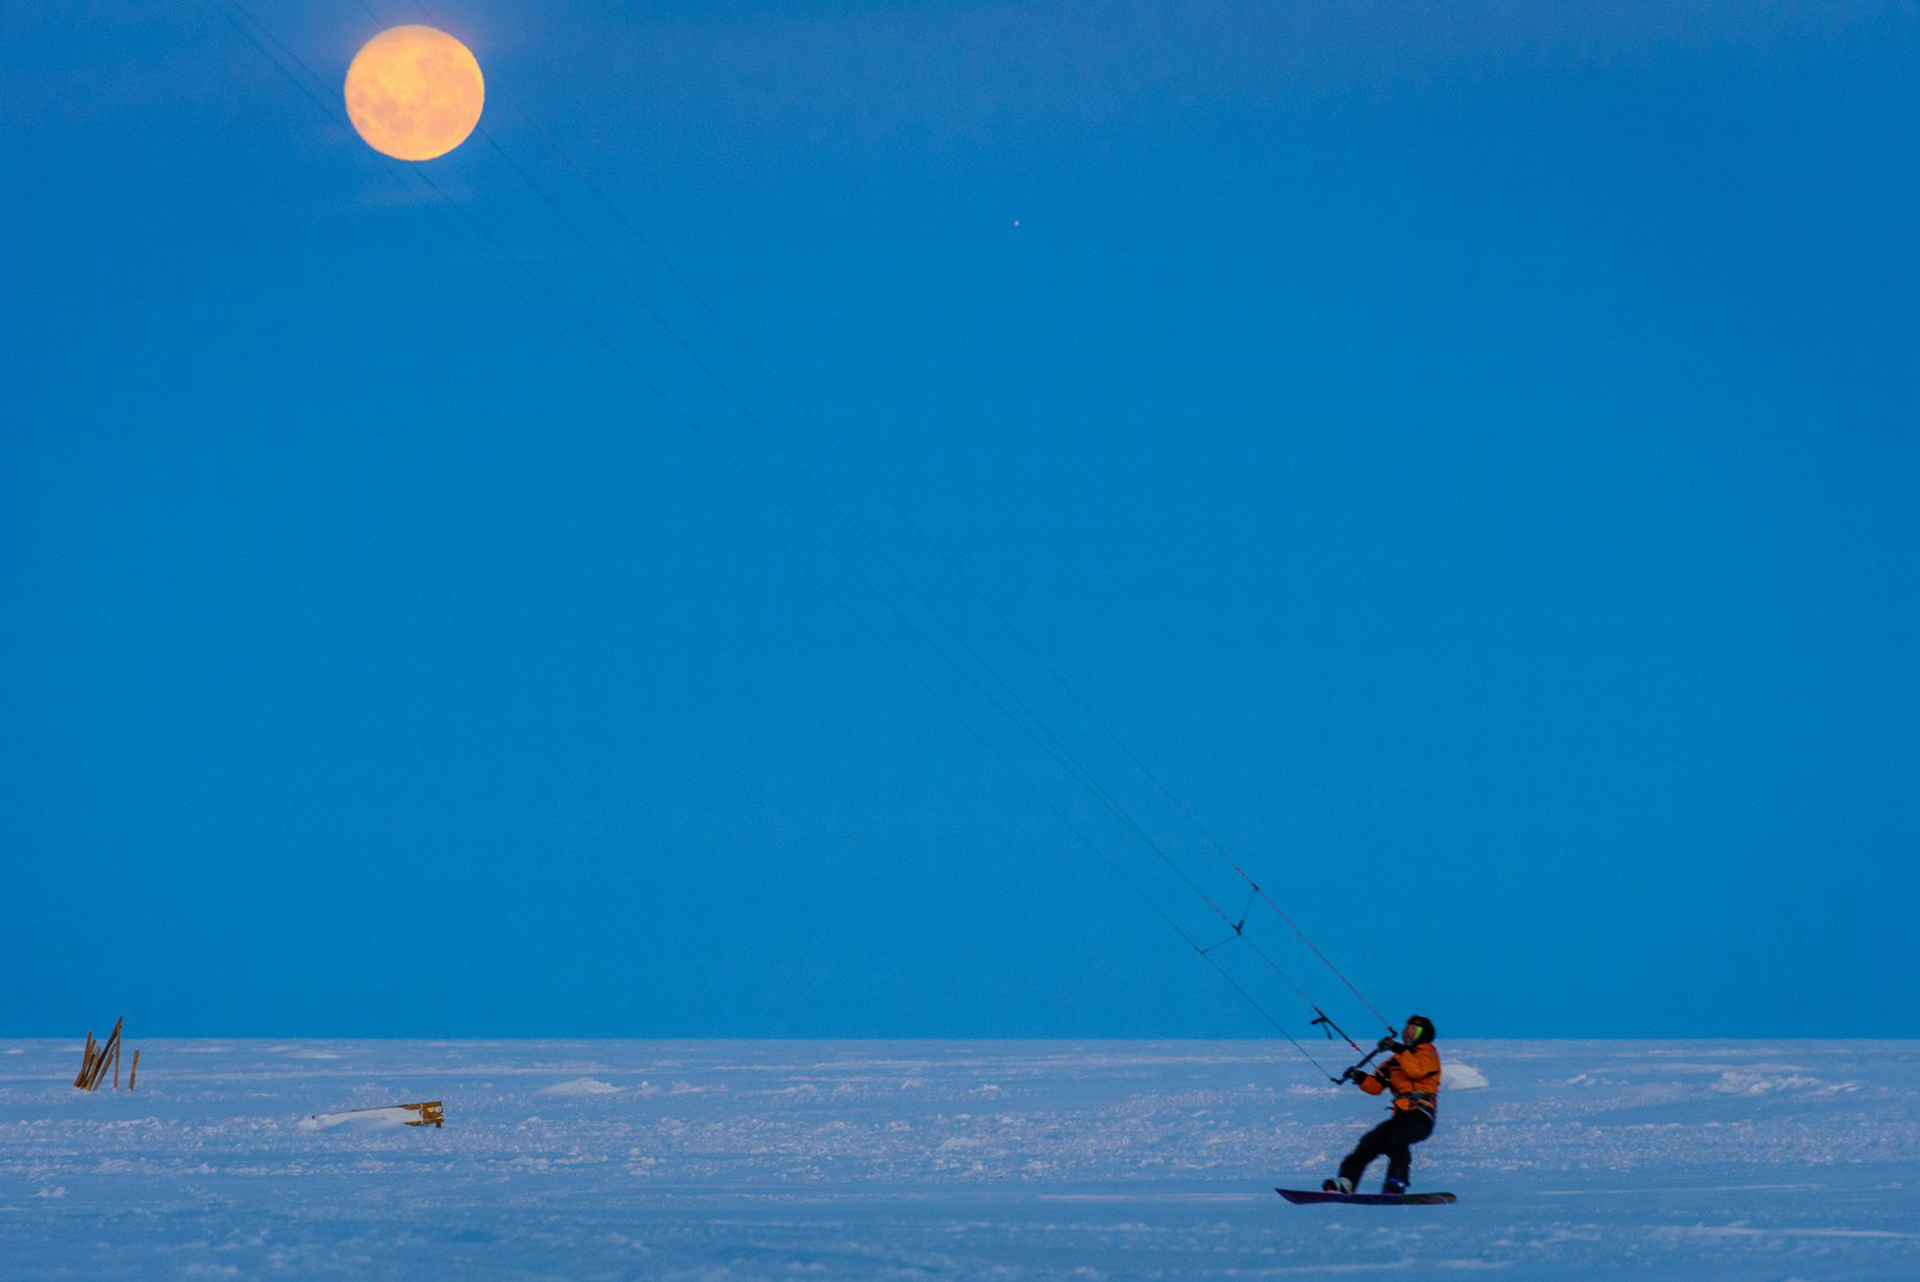 Kite-skiing, el deporte más popular en la Antártida… ¡y uno de los pocos que pueden practicarse!